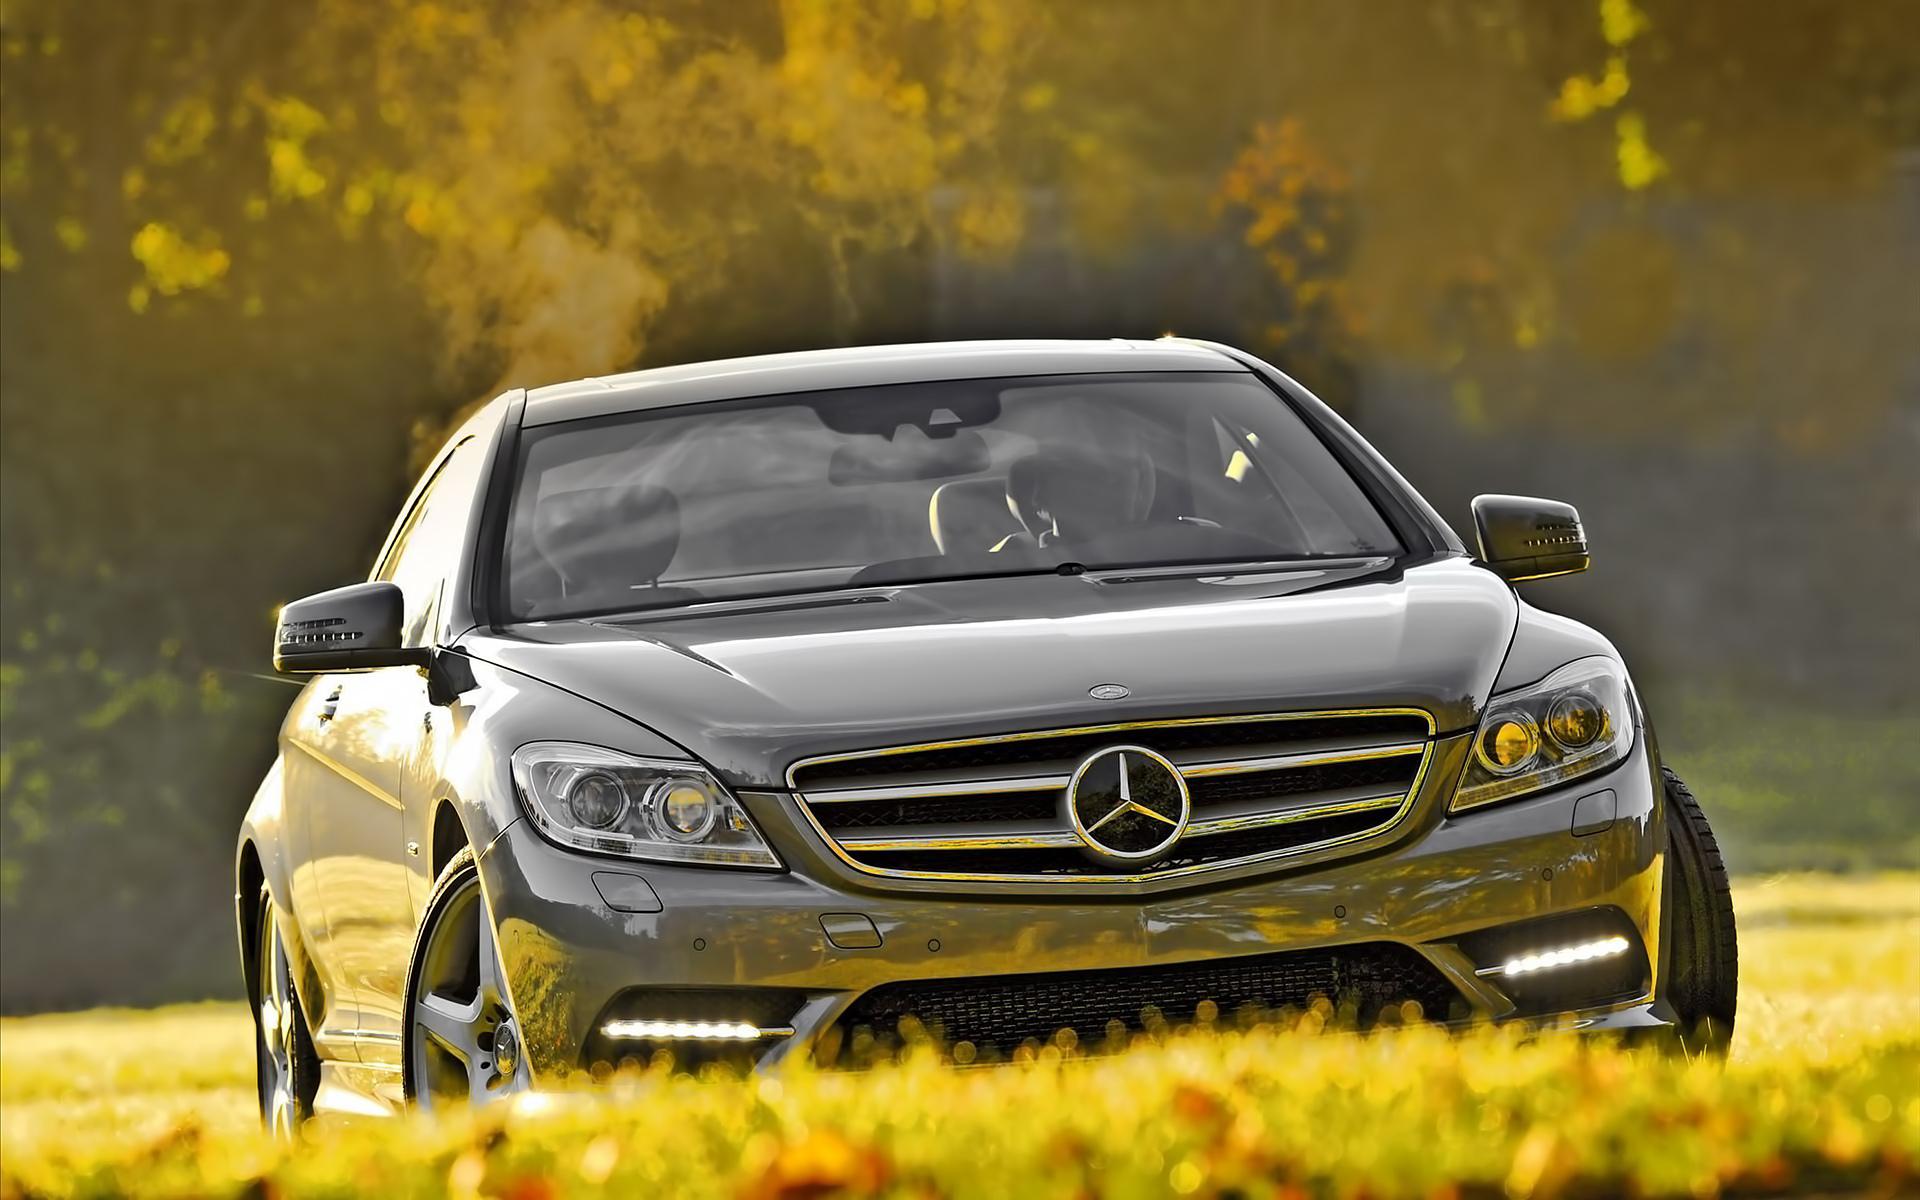 31144 скачать обои Транспорт, Машины, Мерседес (Mercedes) - заставки и картинки бесплатно